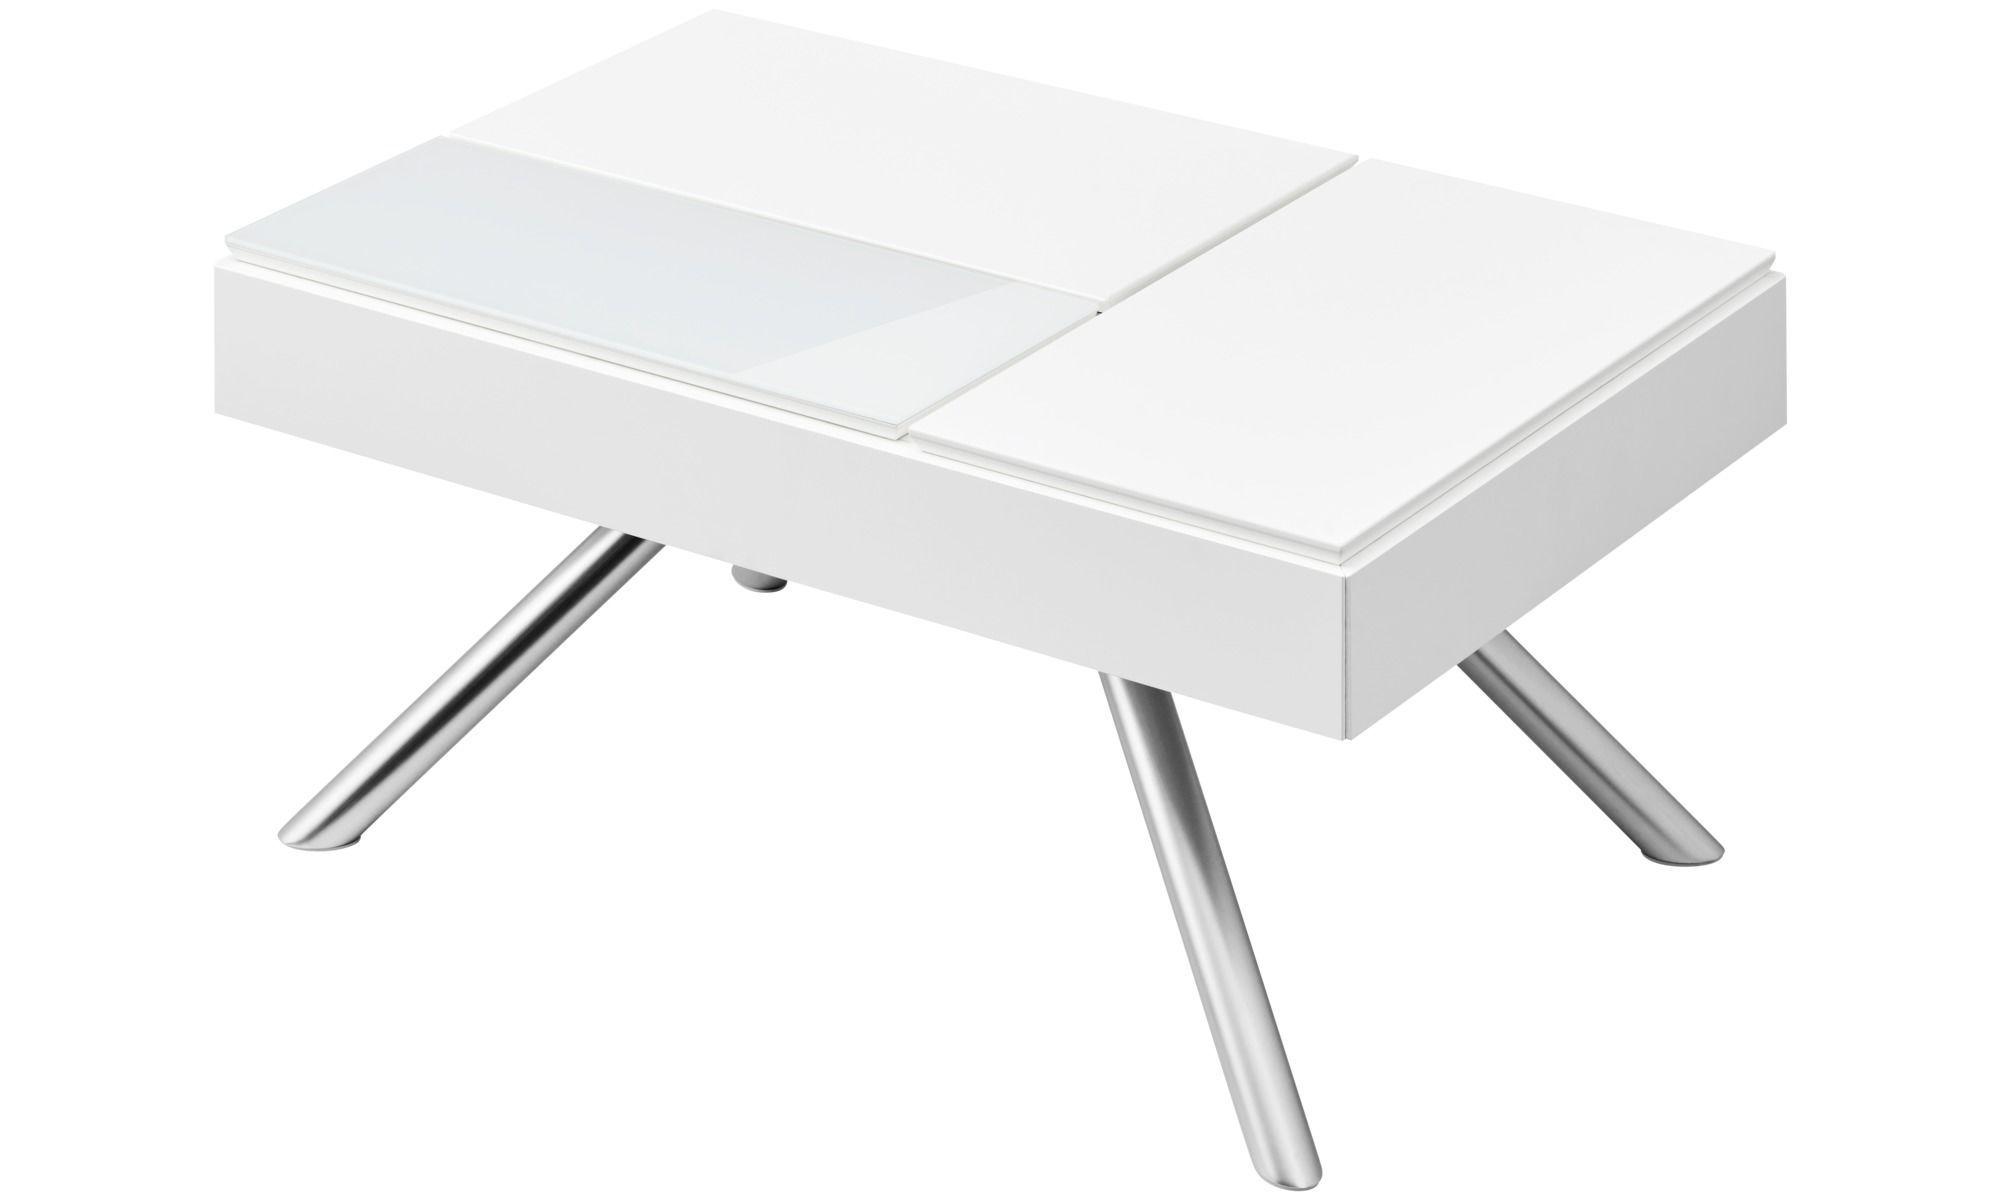 Frais De Table Basse Avec Rallonge Concept